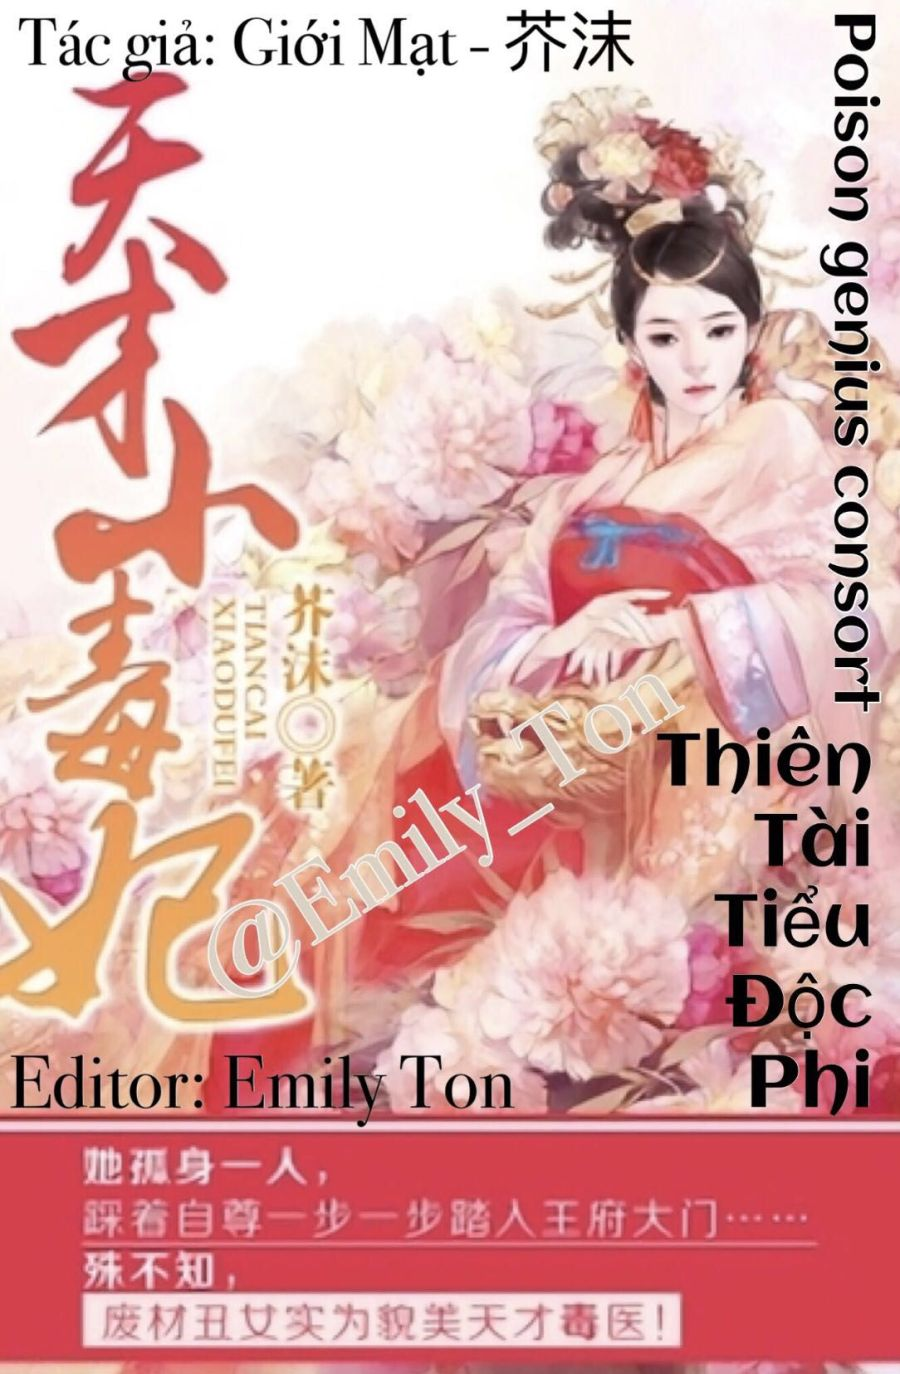 Đọc Truyện Vân Tịch Truyện - Thiên Tài Tiểu Độc Phi - Chương 3: Không đi, tỷ đây không dễ chọc - Emily Ton - Wattpad - Wattpad